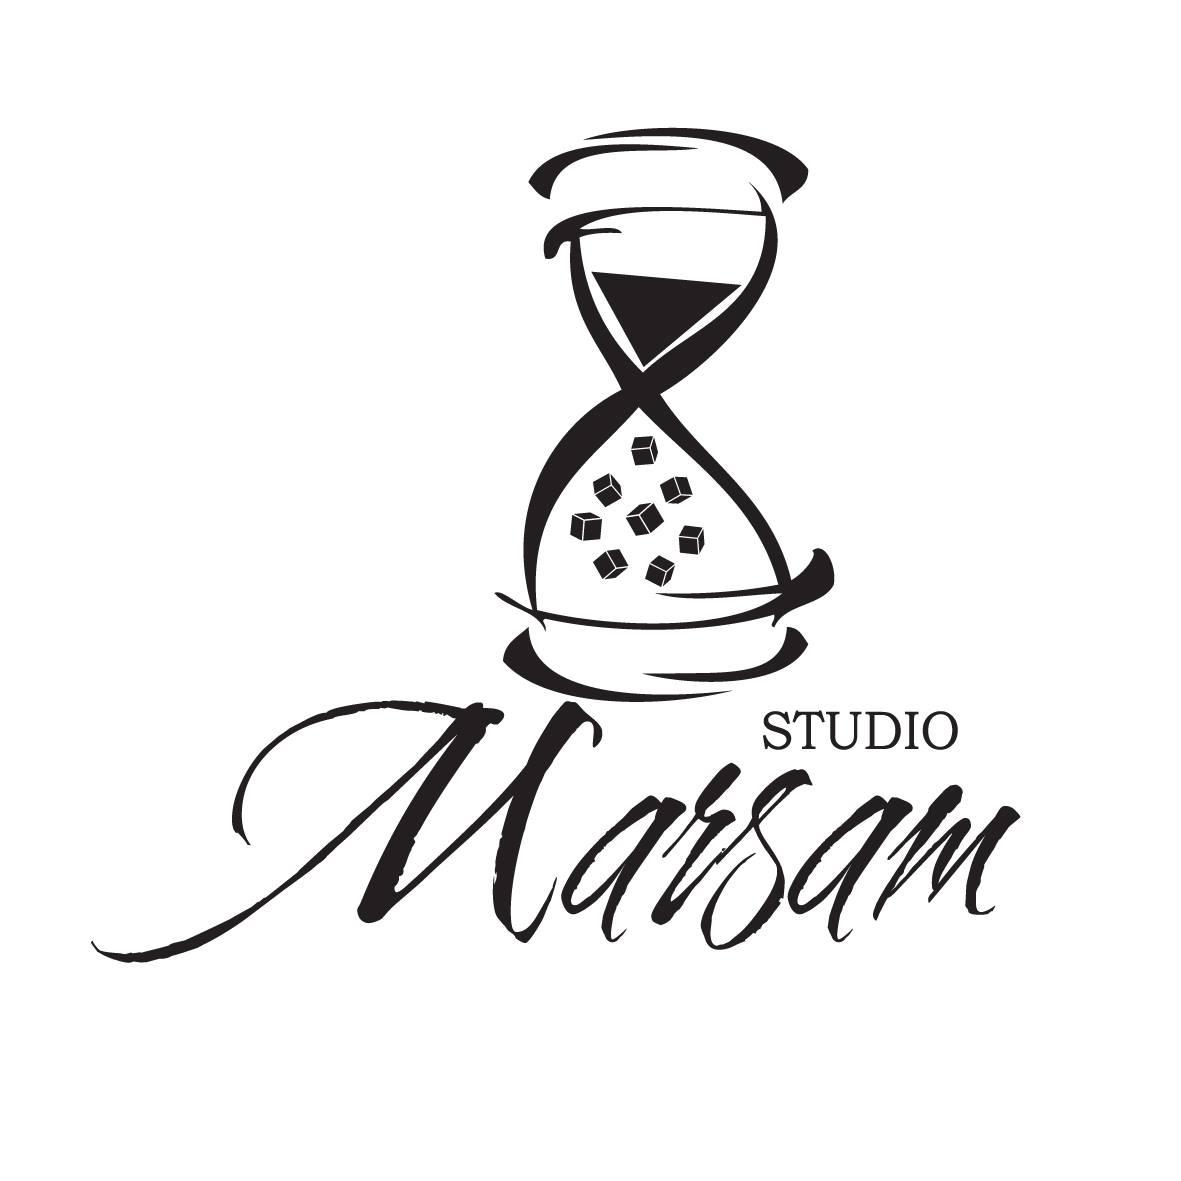 Studio Marsam Digital